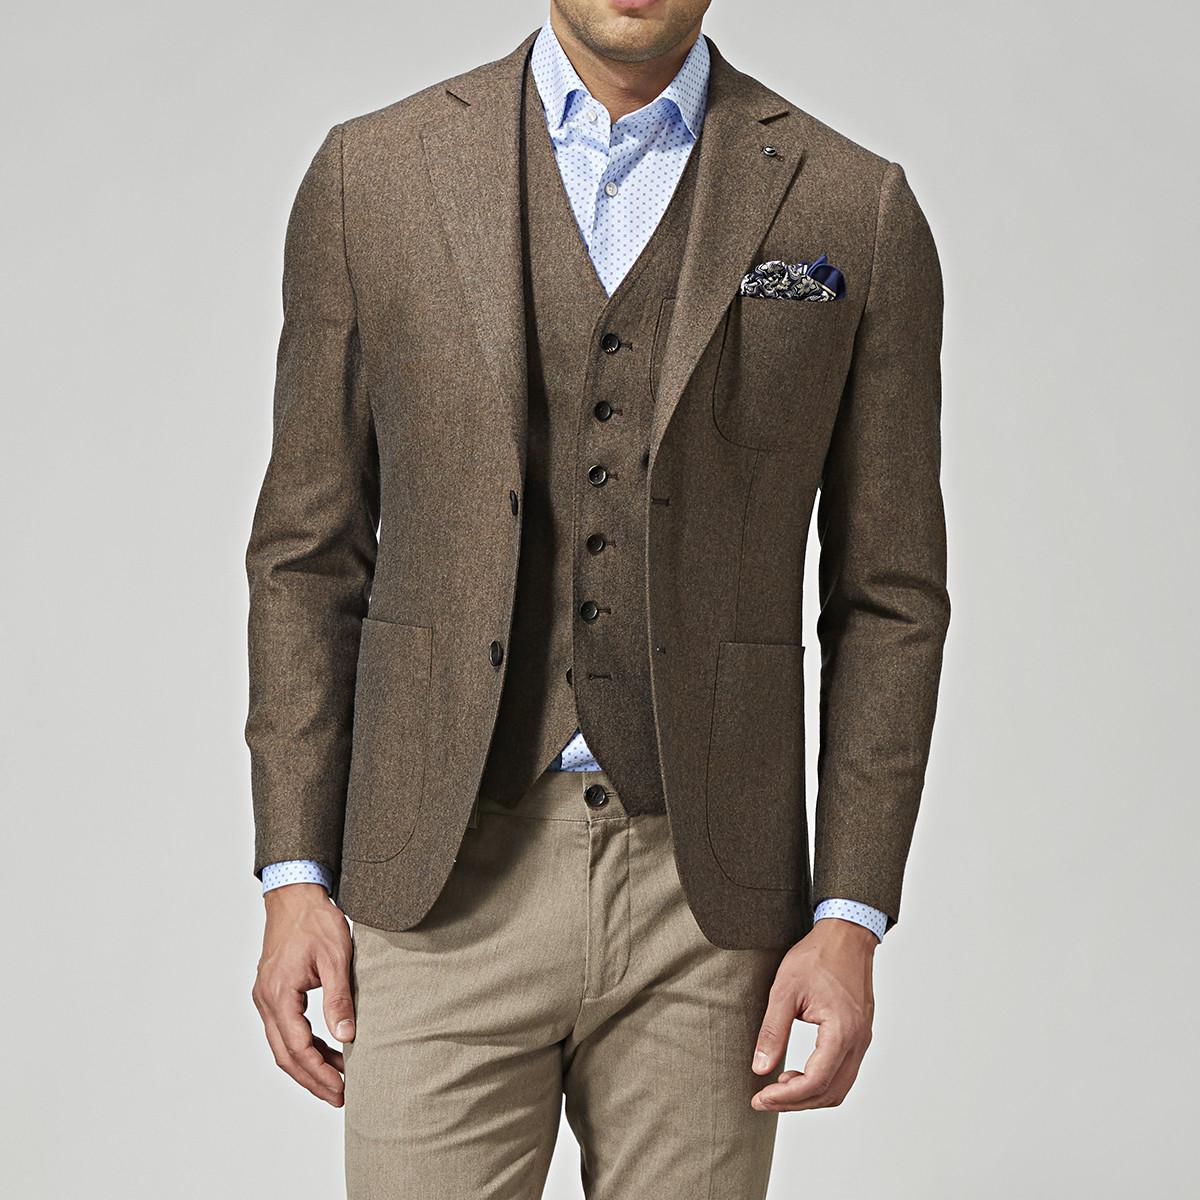 Kavajen i flanell är alltid ett bra val för hösten. Från Brothers hittar vi  ett mellanbrunt alternativ i ull och kashmir från varumärkets premium  kollektion ... 502e9f1fb6252